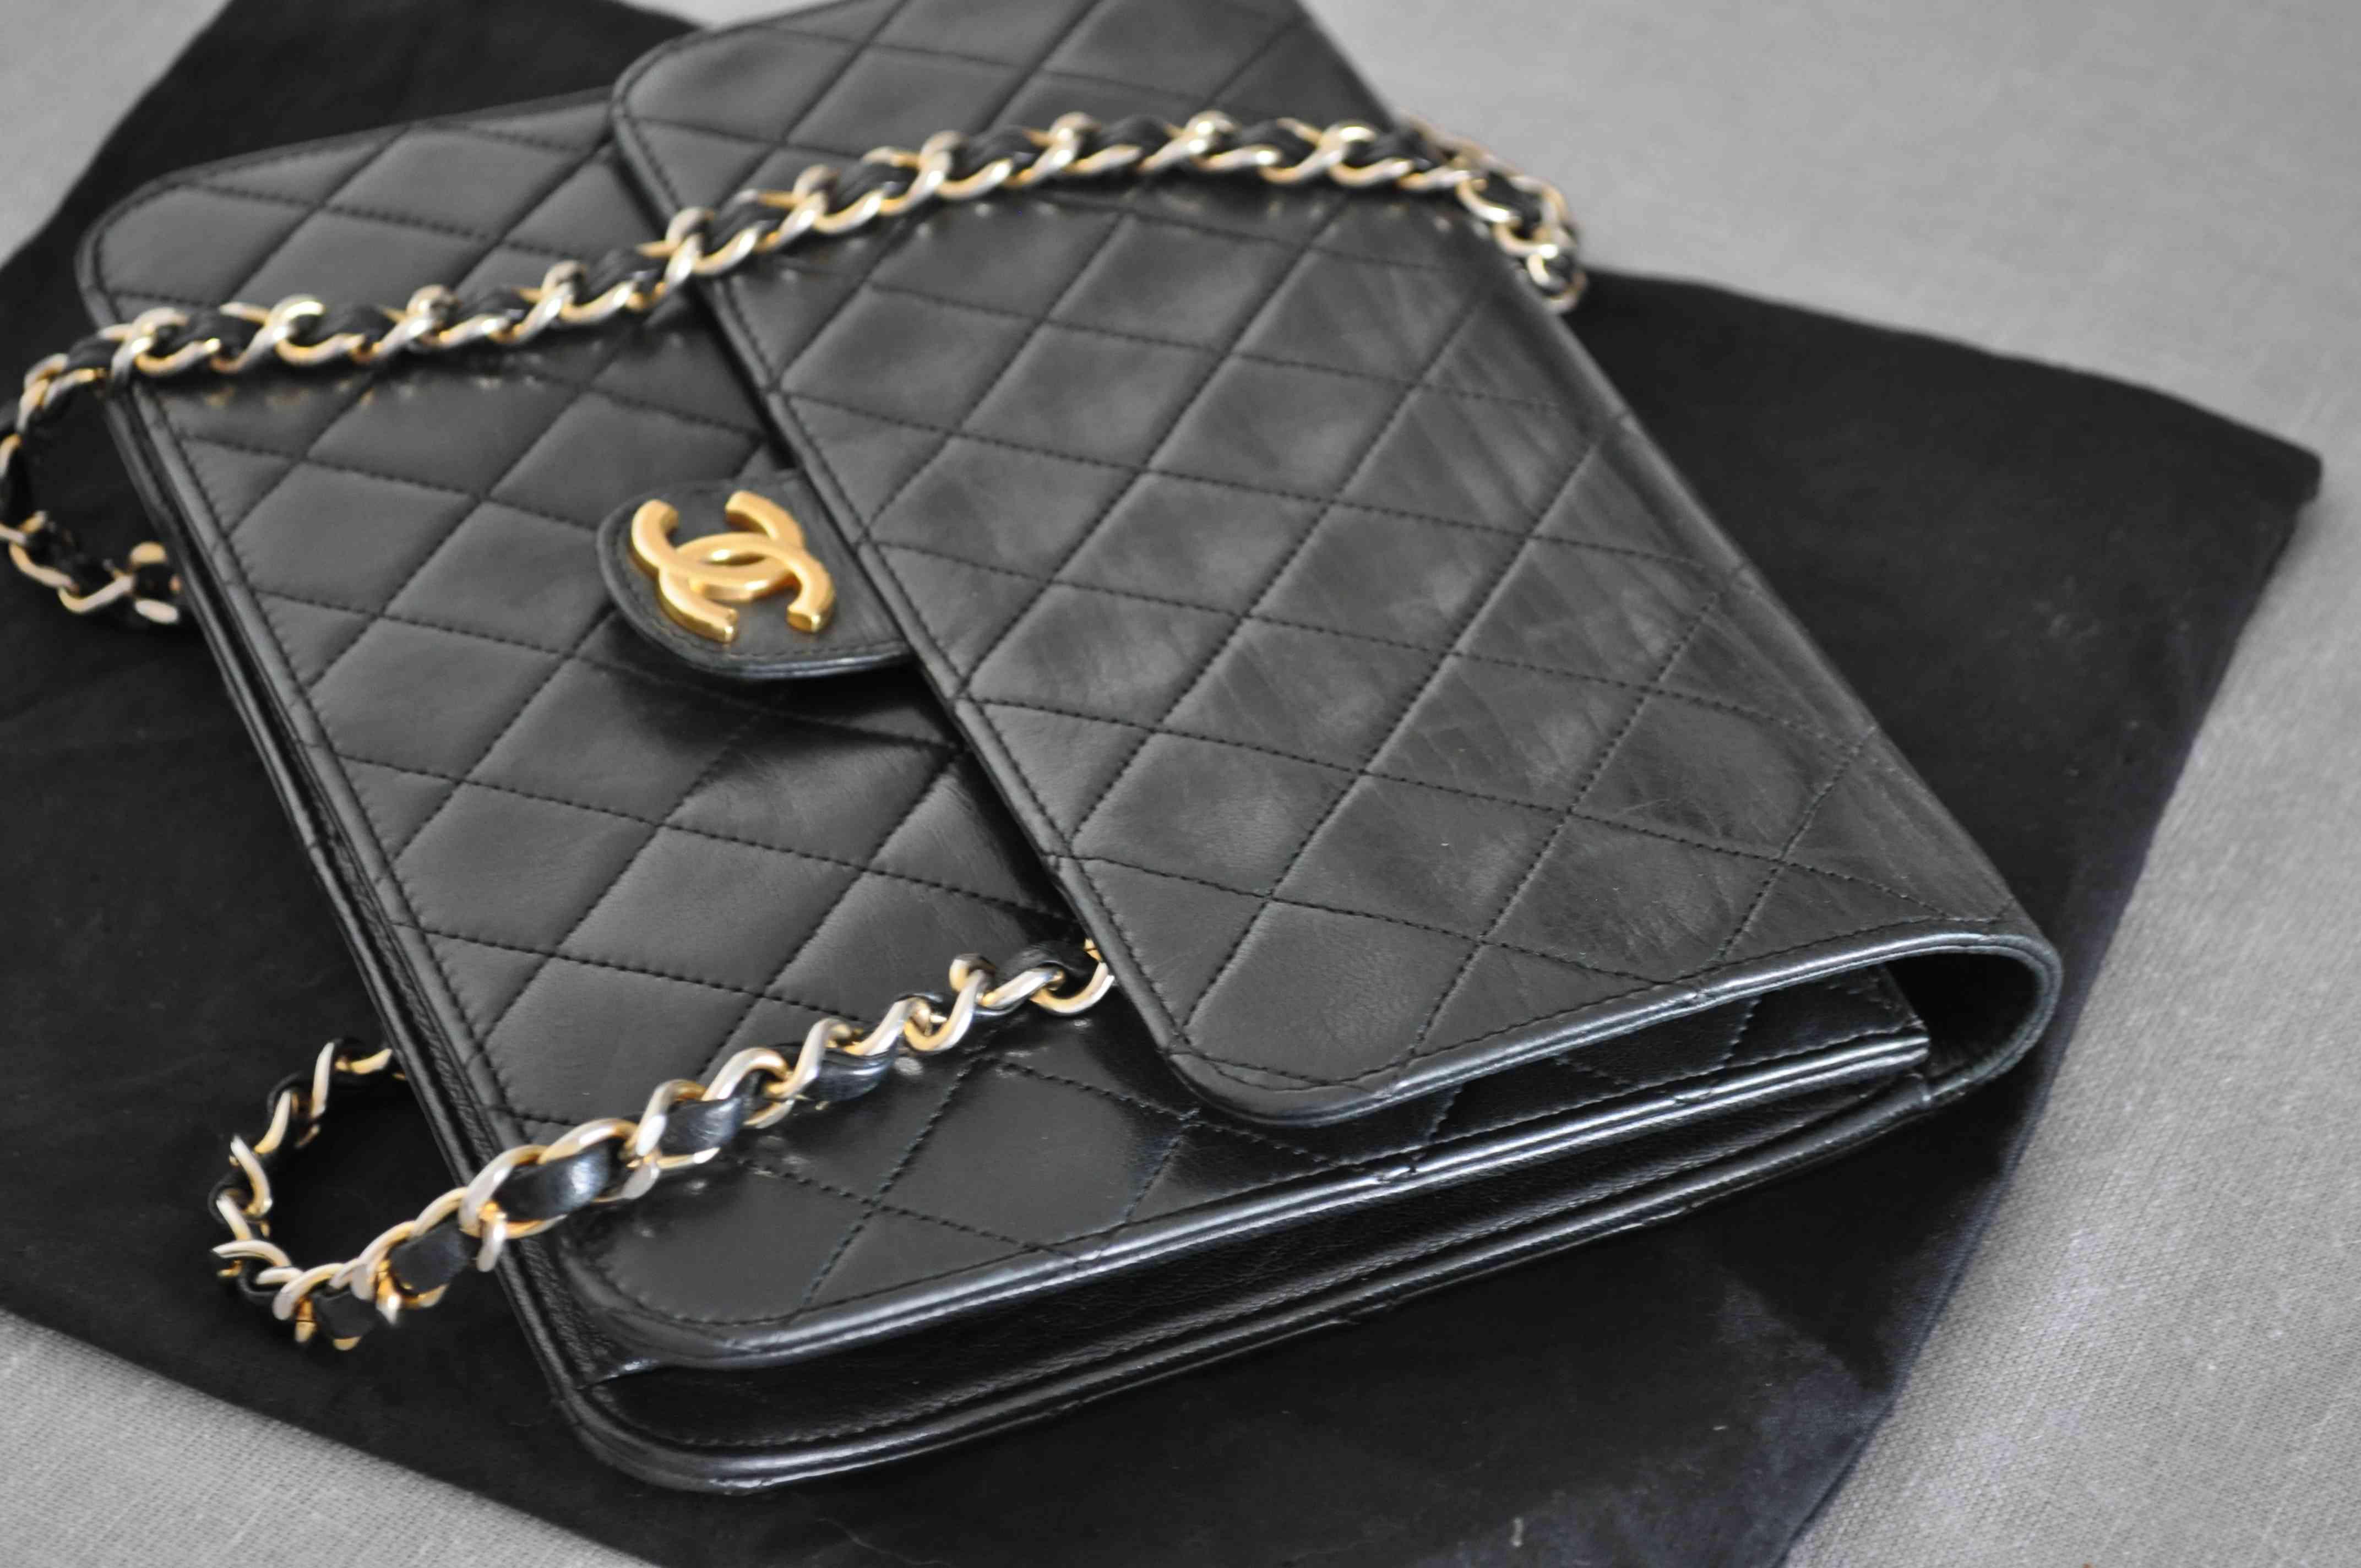 530aa71941 Aide à propos d'un modèle ancien du Chanel 2.55 - Forum libre Beauté ...